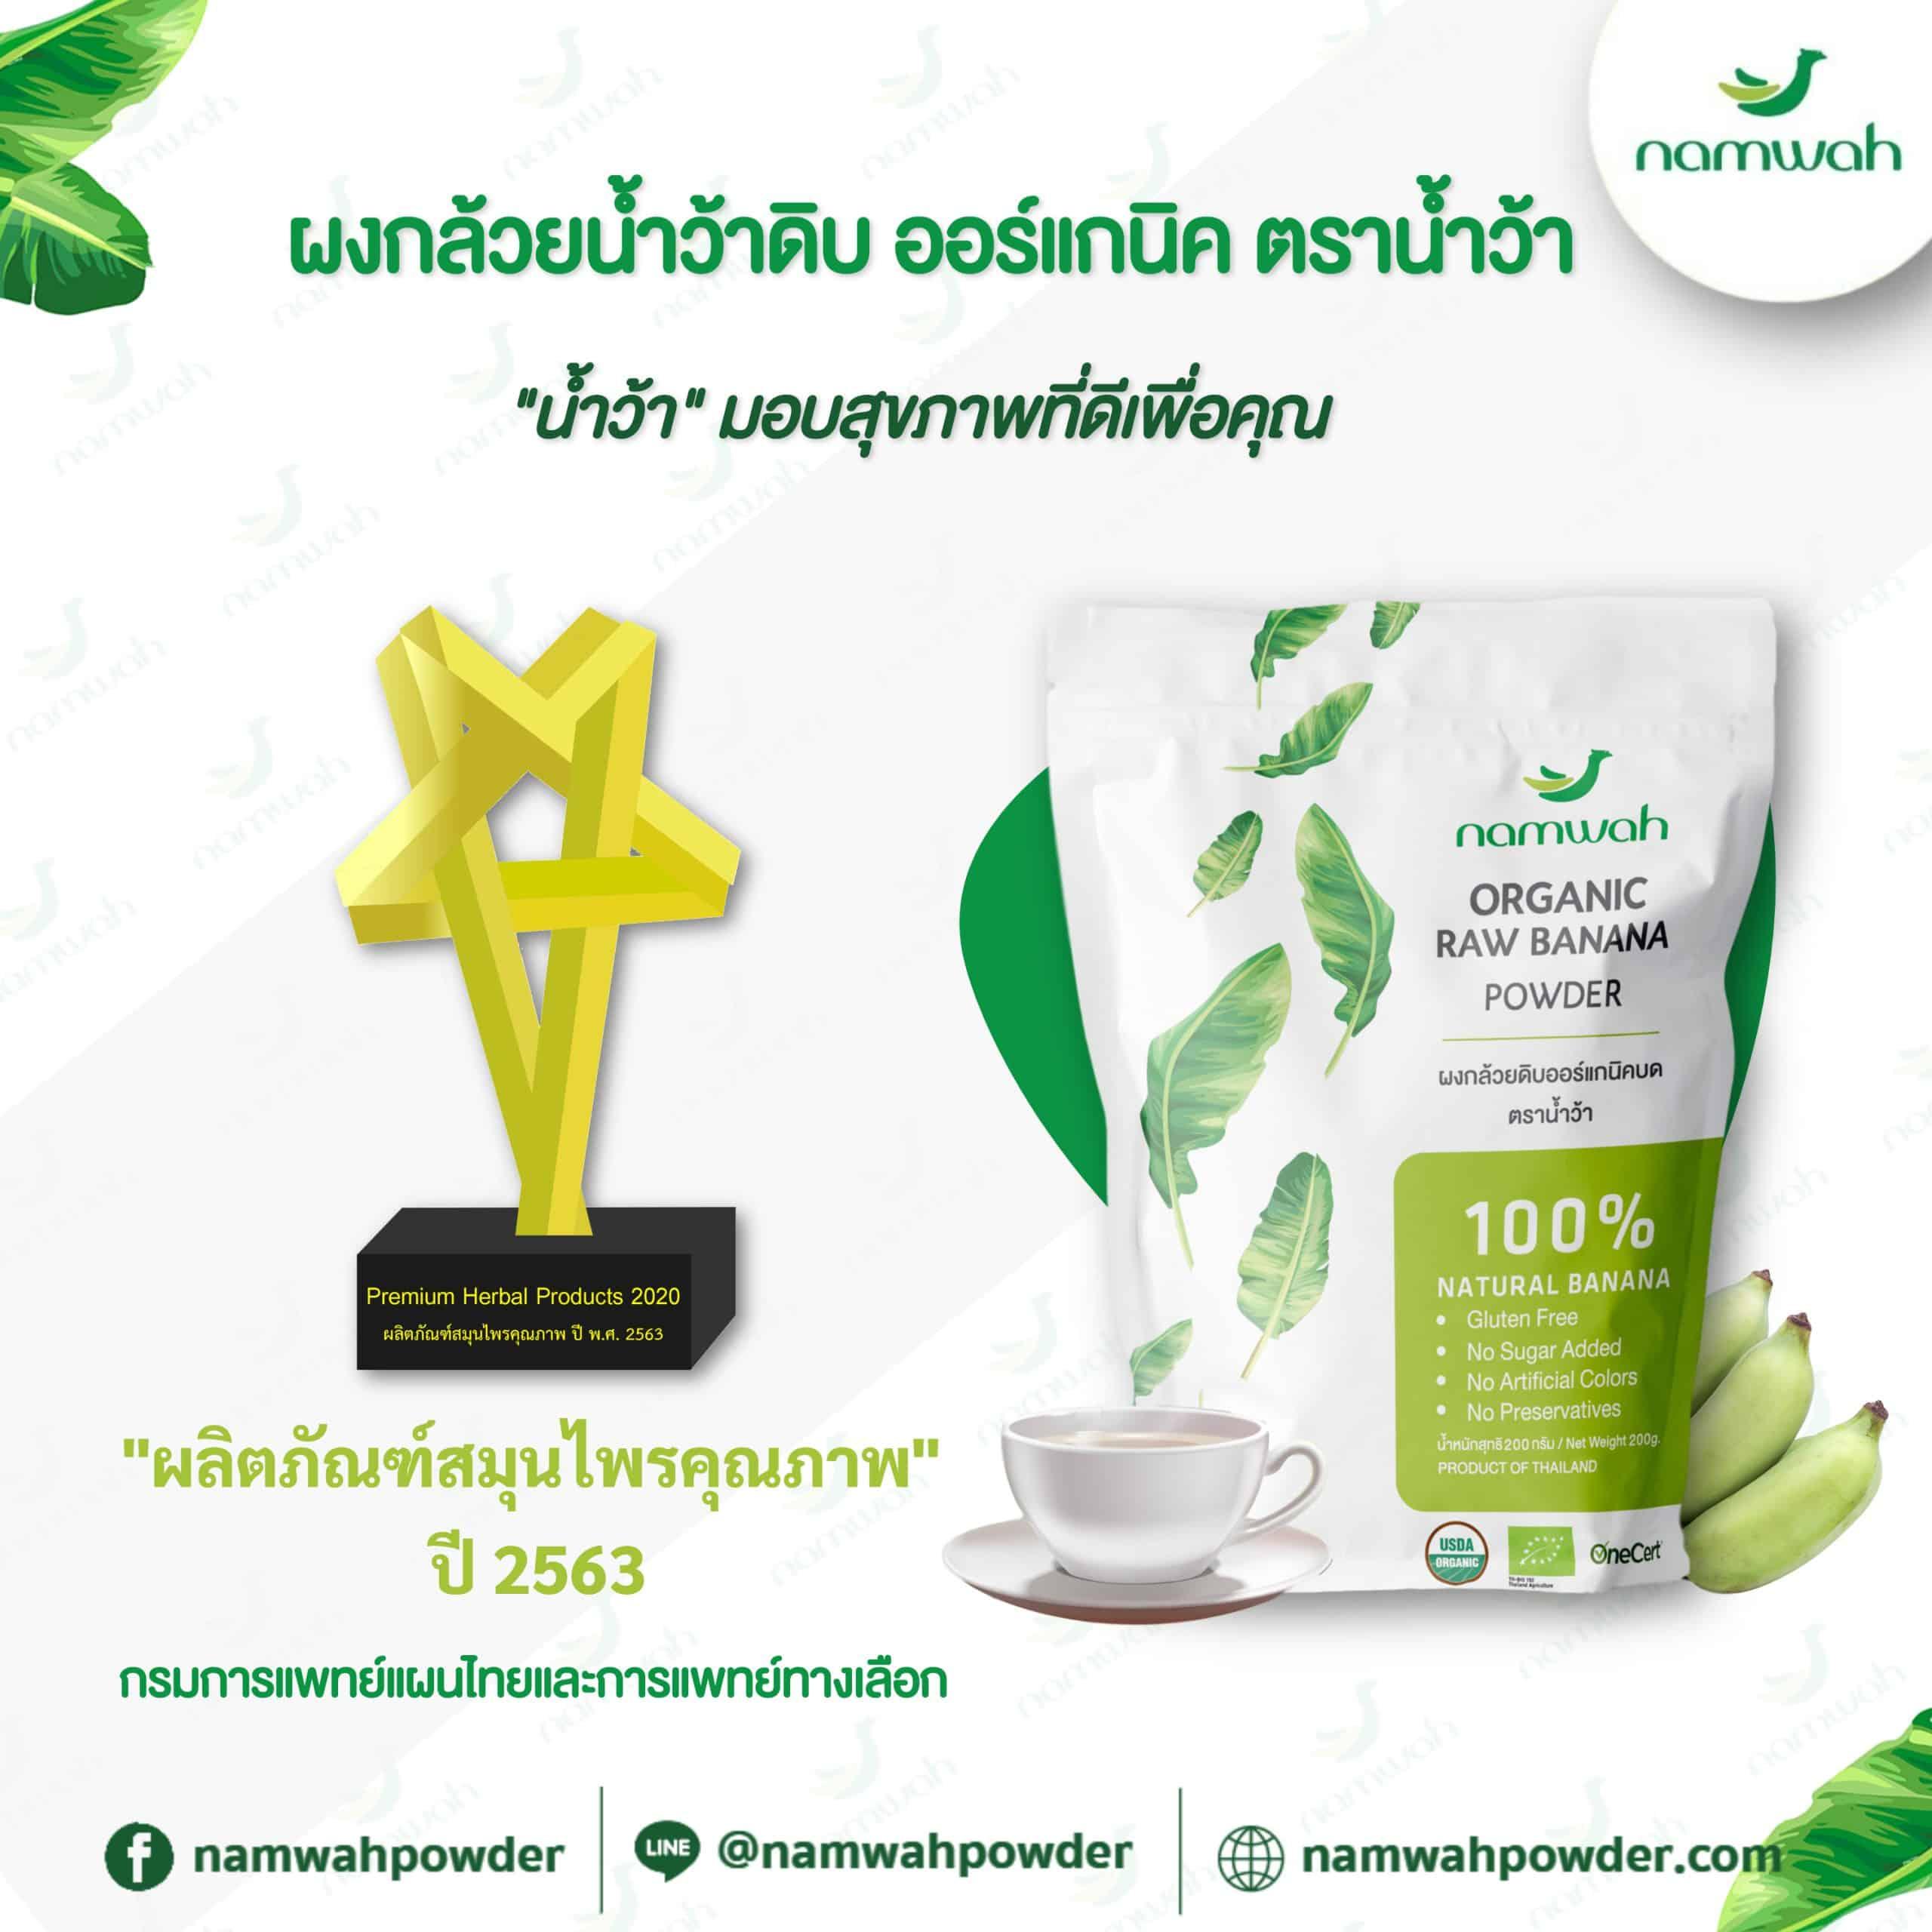 ผงกล้วยดิบ ตราน้ำว้า ได้รับรางวัลสมุนไพรคุณภาพ ปี2563